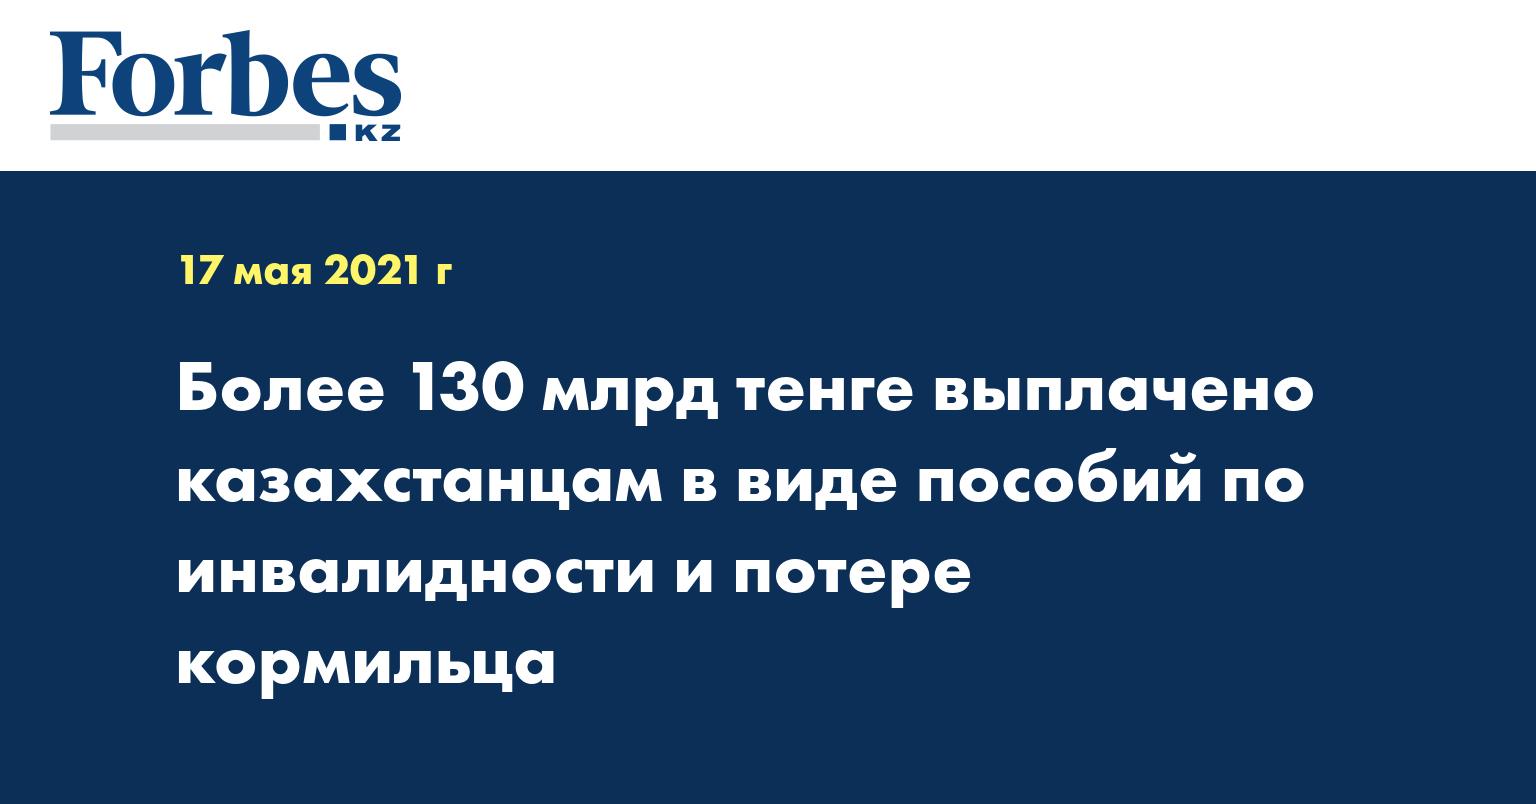 Более 130 млрд тенге выплачено казахстанцам в виде пособий по инвалидности и потере кормильца